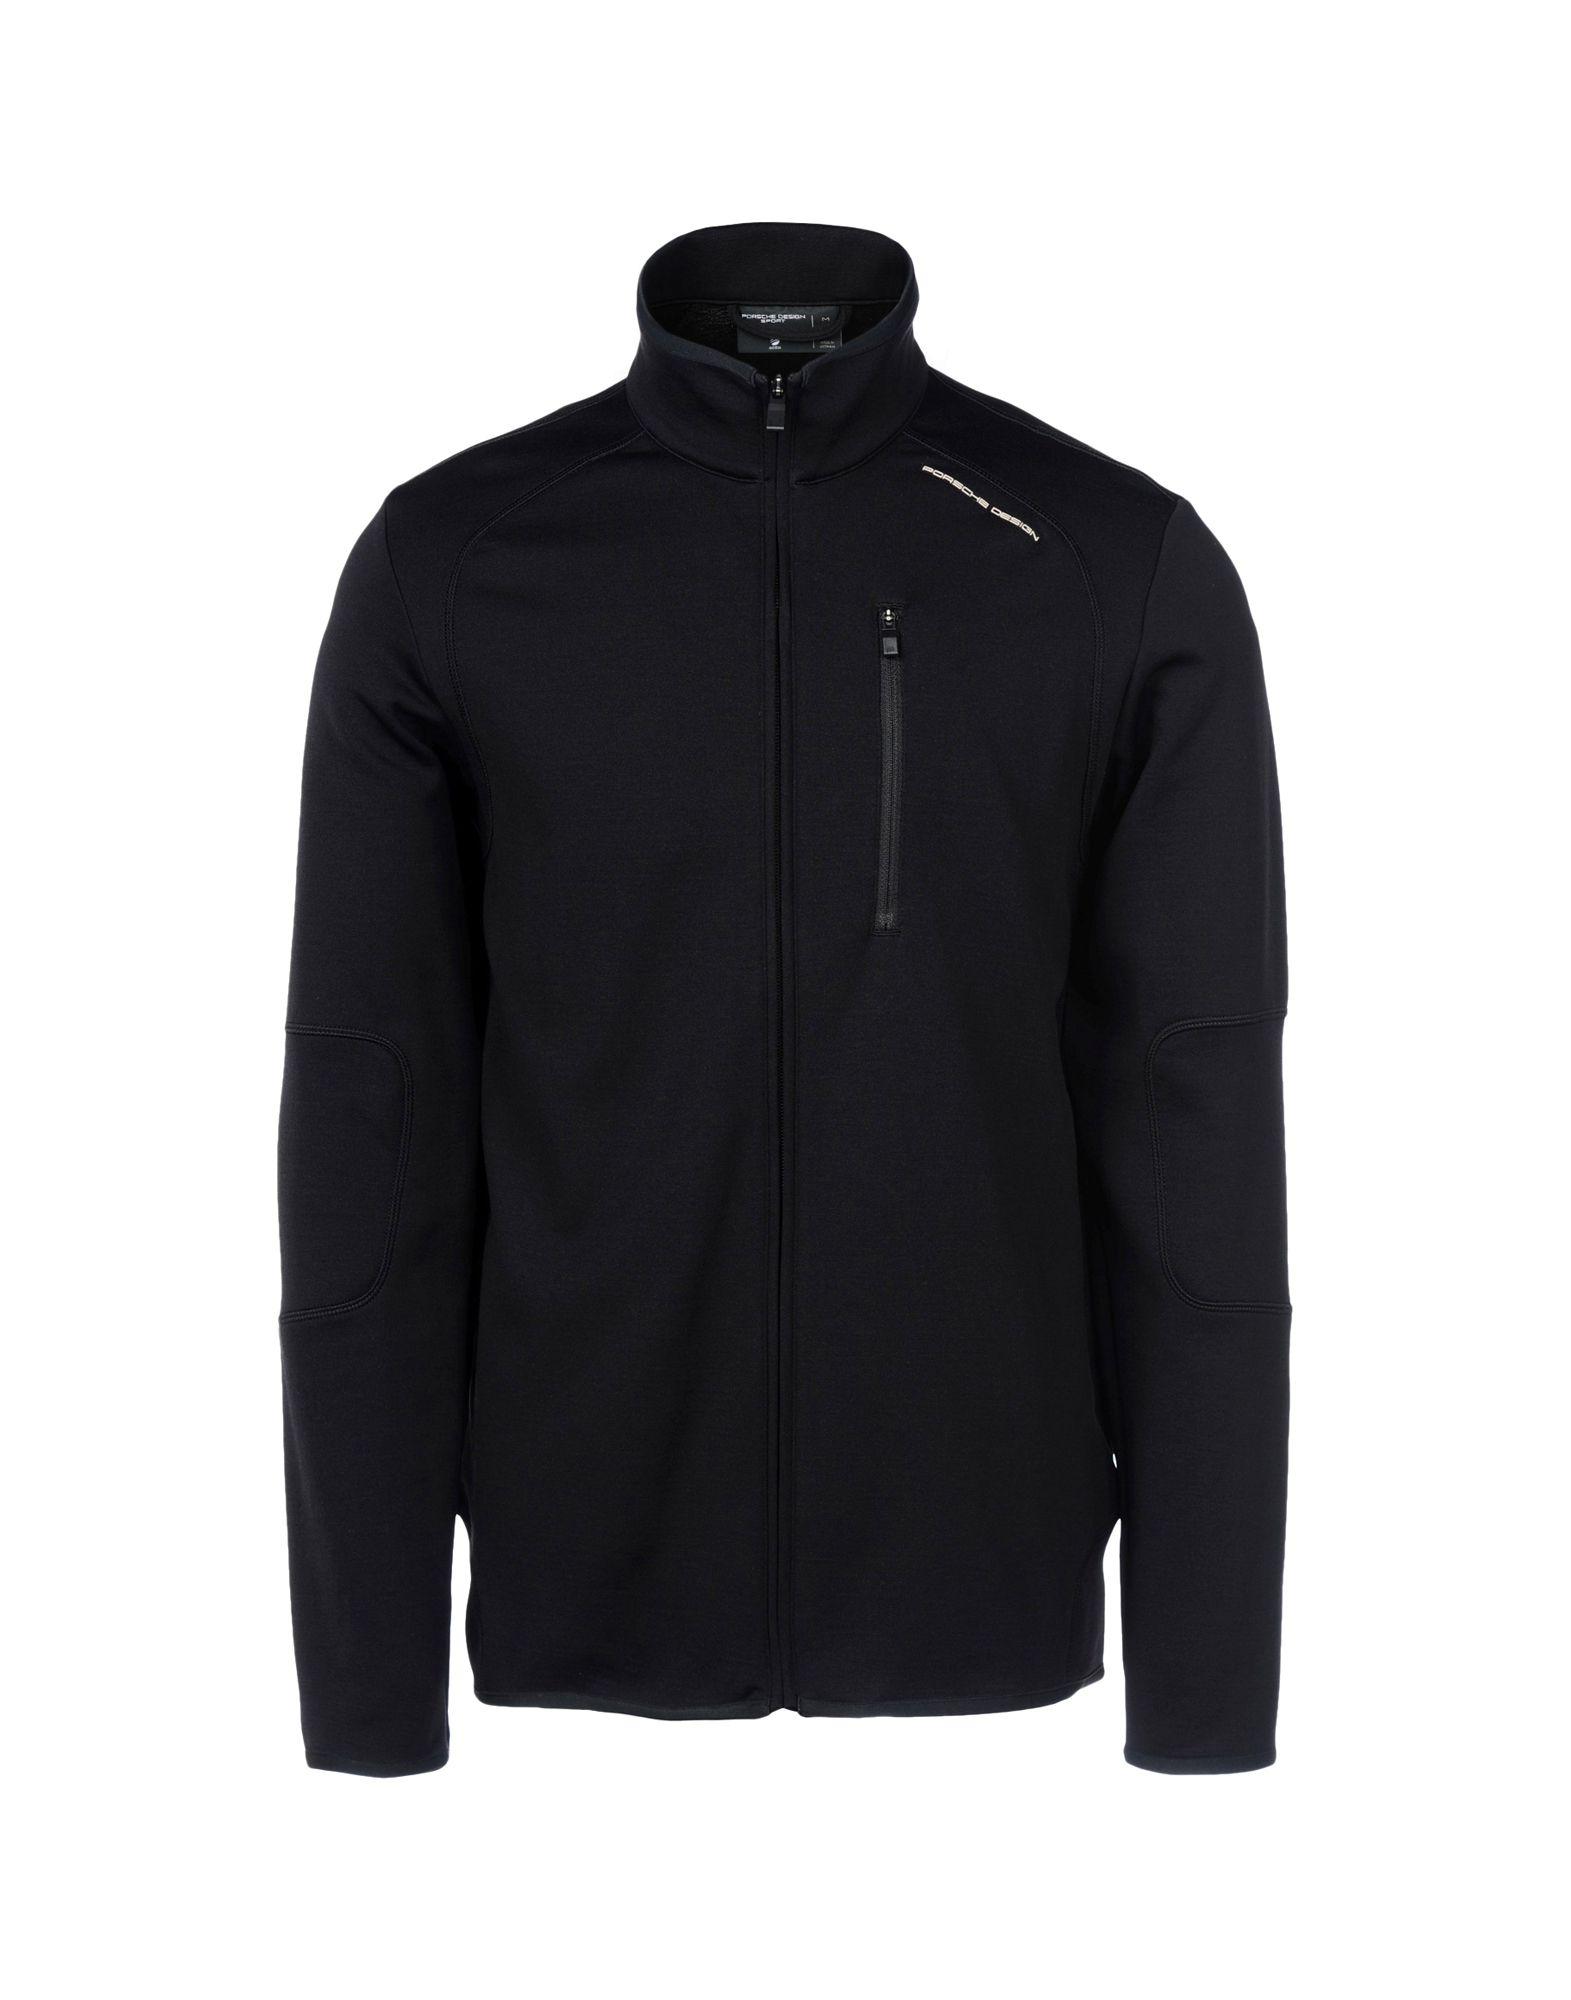 Porsche Design Sweatshirt In Black For Men Save 31 Lyst